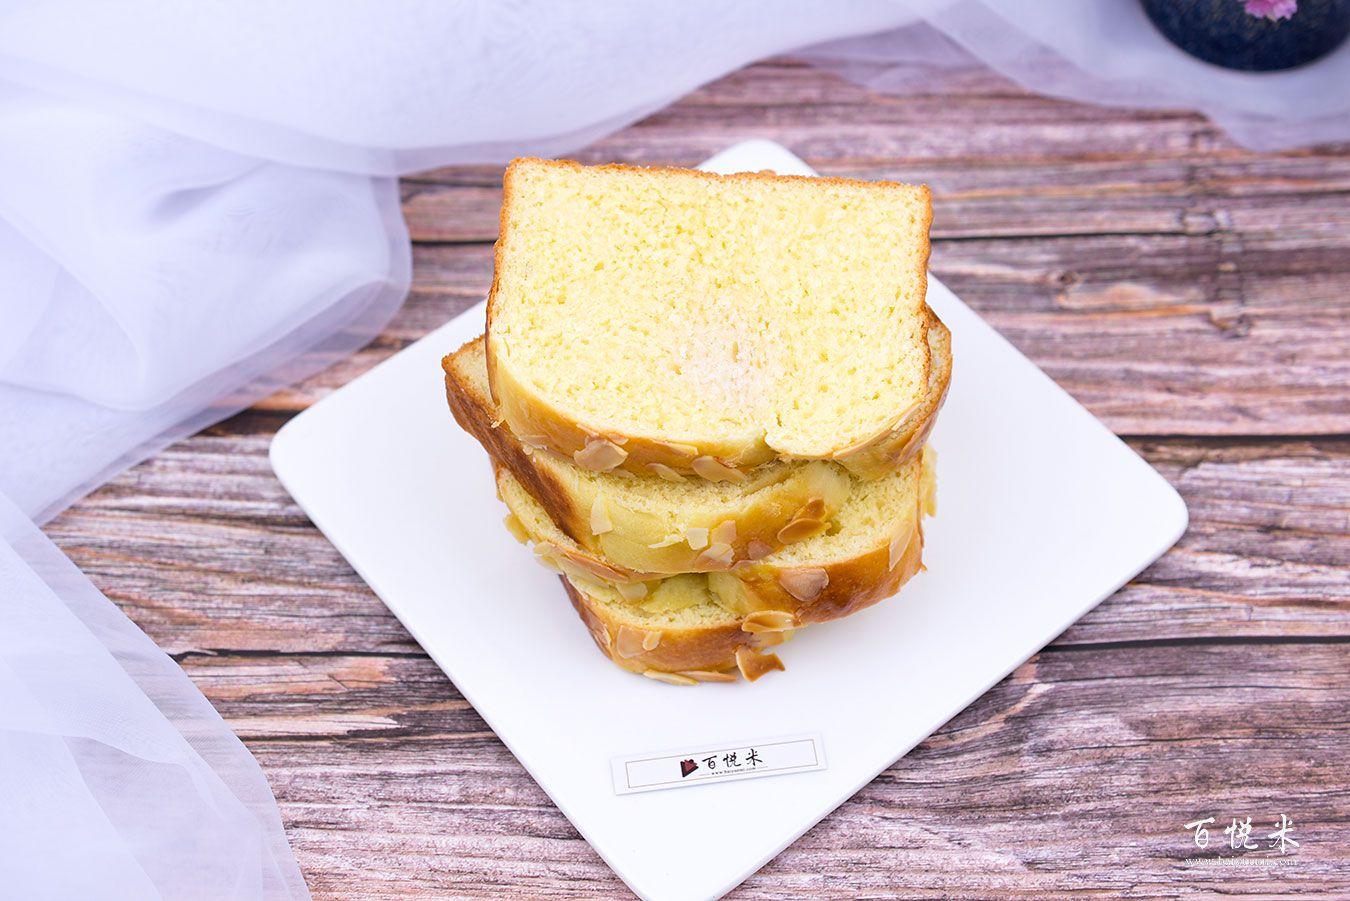 布里奥吐司高清图片大全【蛋糕图片】_850